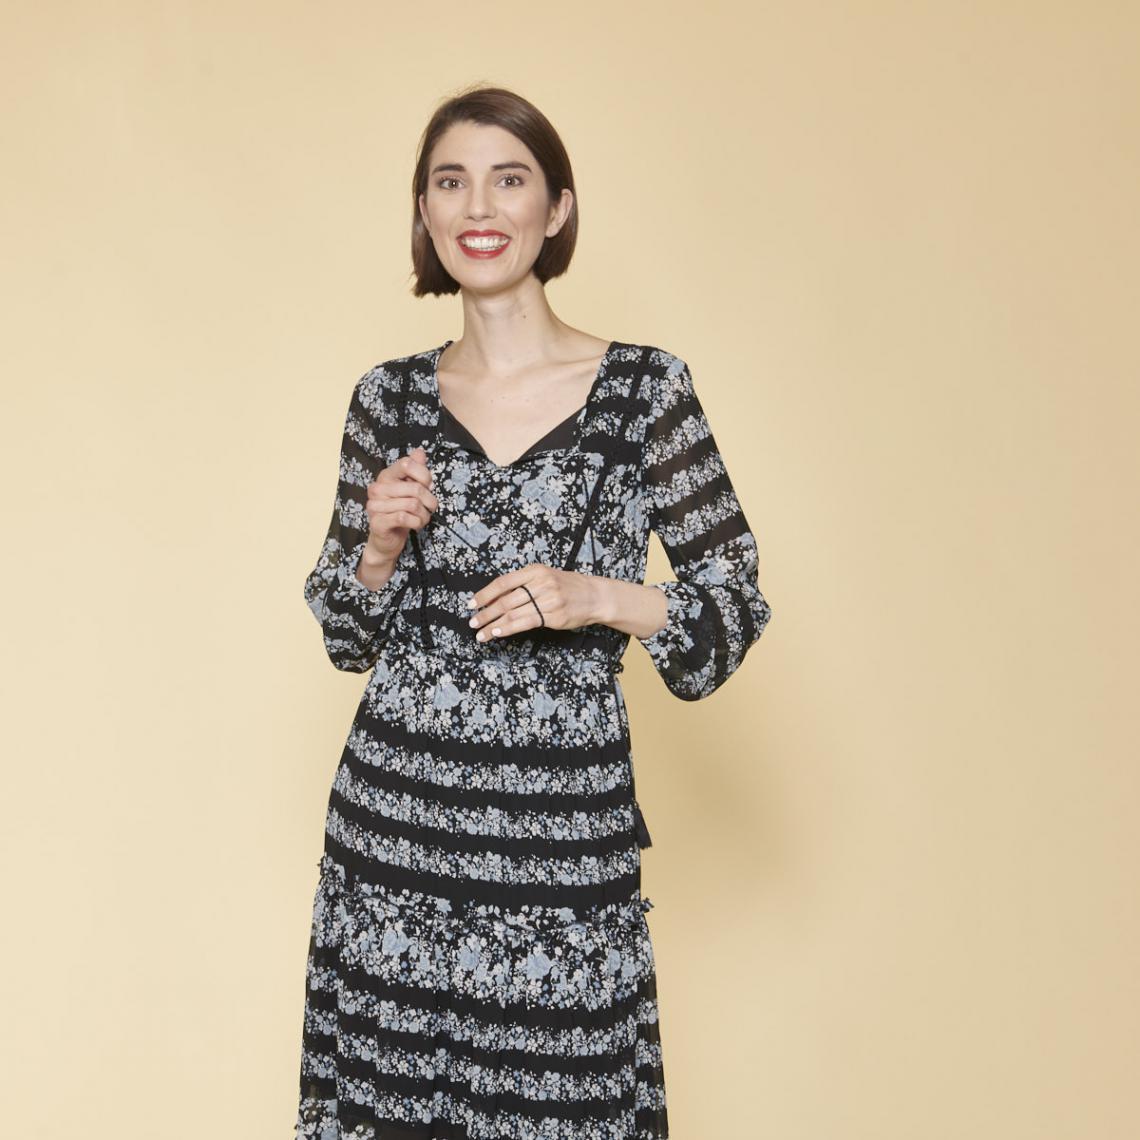 Robe Longue Imprimee Avec Pans Manches Longues Elastiquees Femme Imprime Noir 3 Suisses